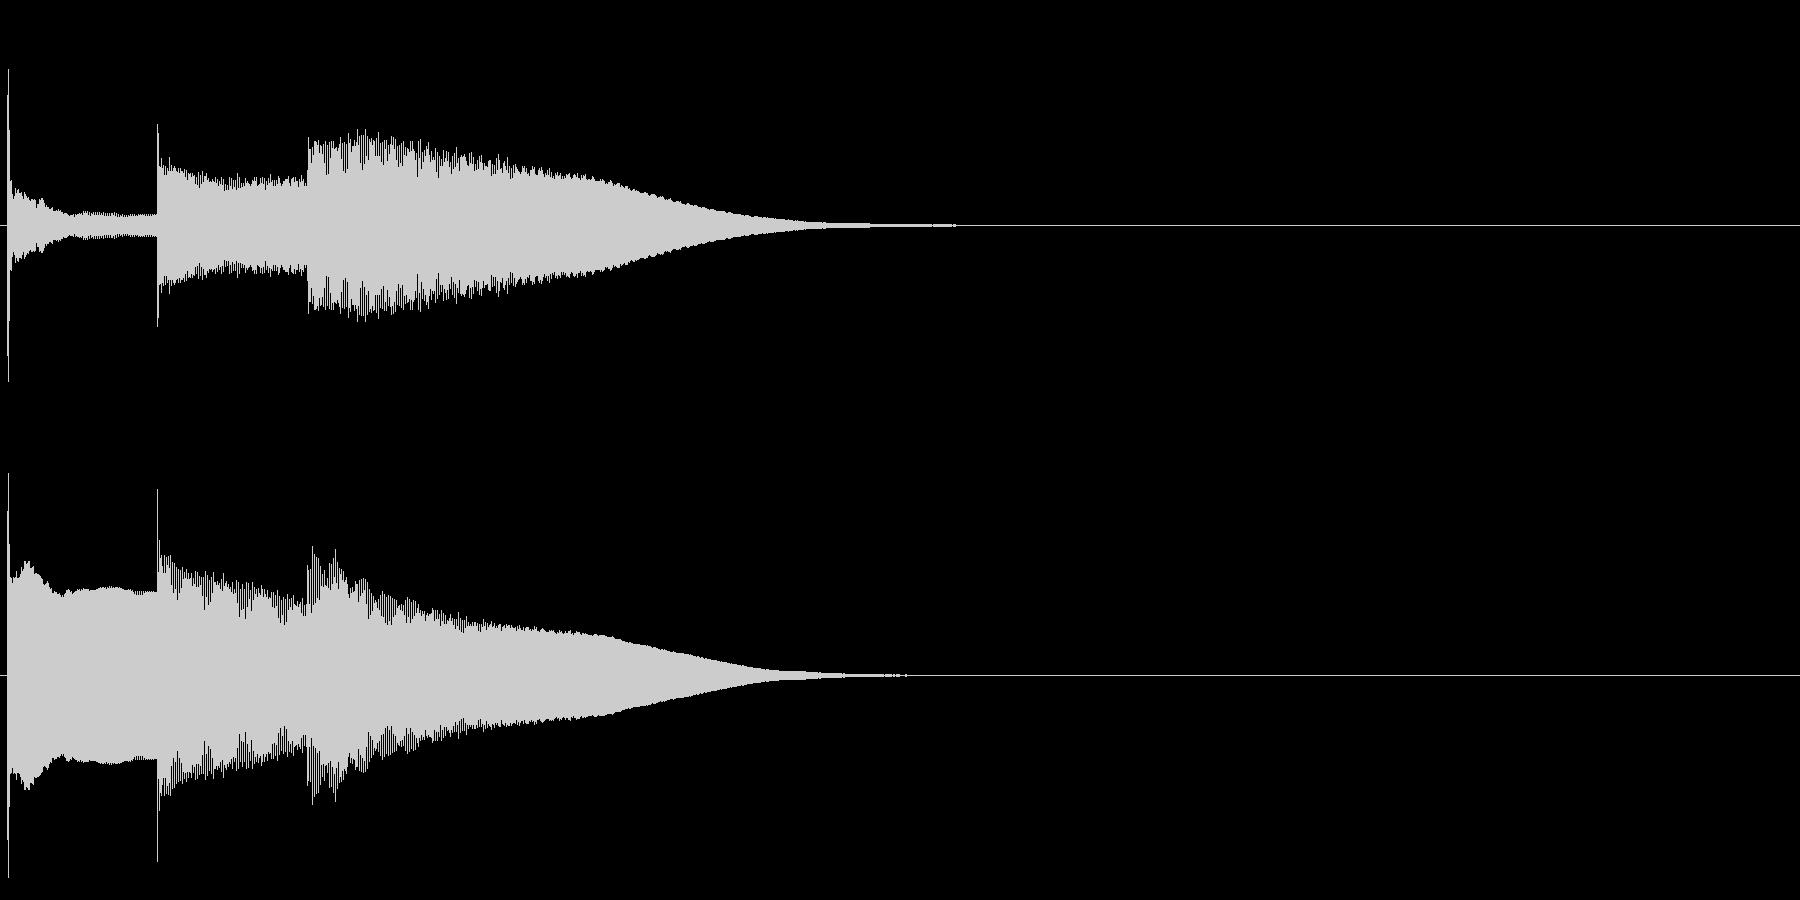 グロッケン系 決定音09(長三和音)の未再生の波形